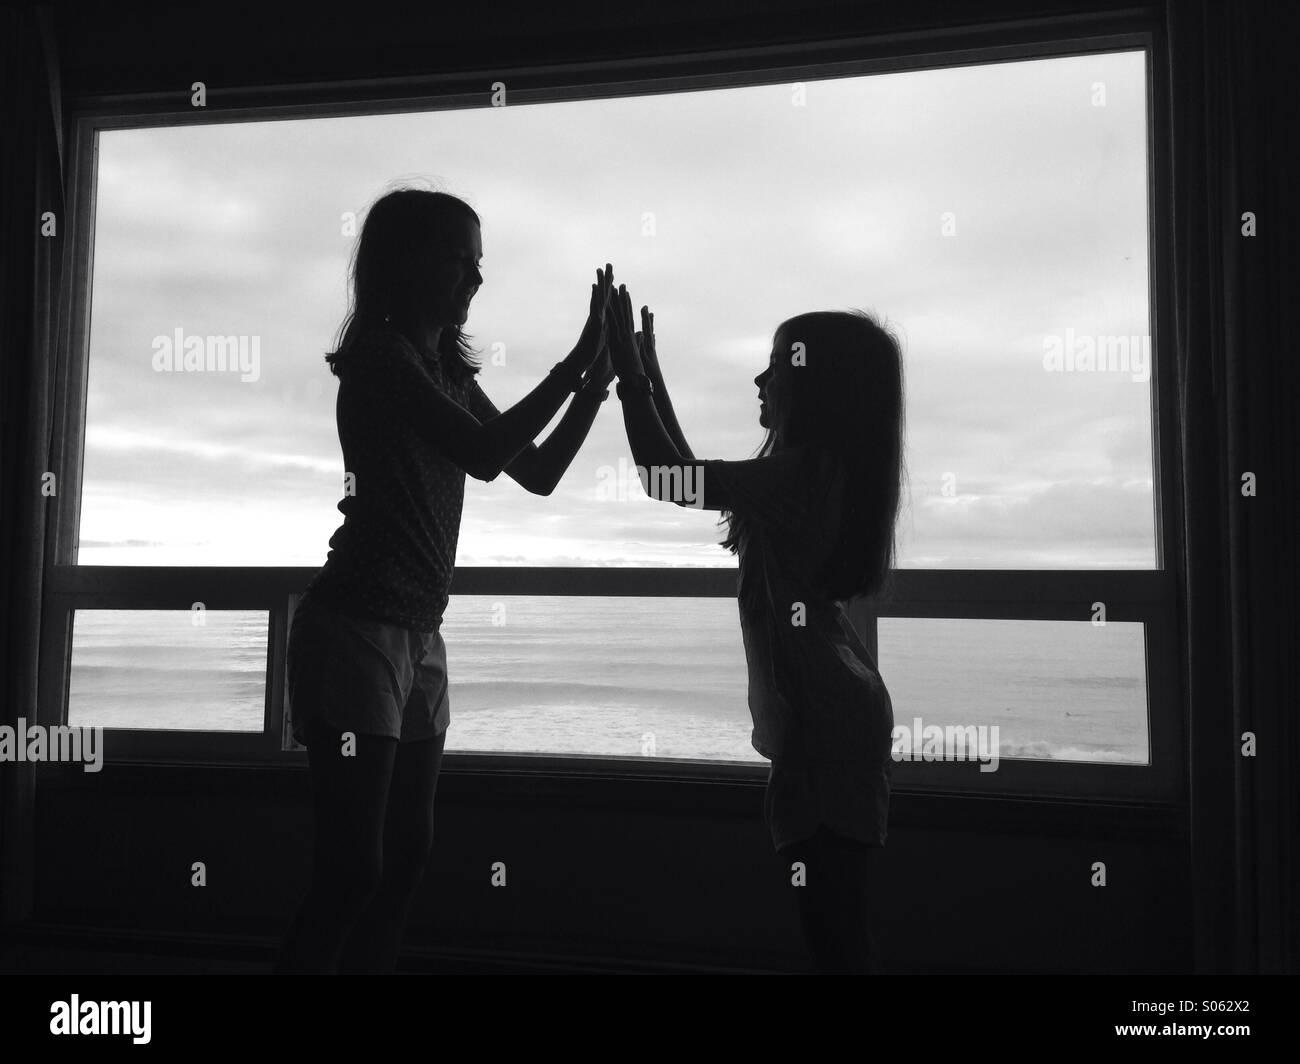 Due ragazze in silhouette alta cinque di fronte a una finestra immagine. L'immagine è in bianco e nero Immagini Stock